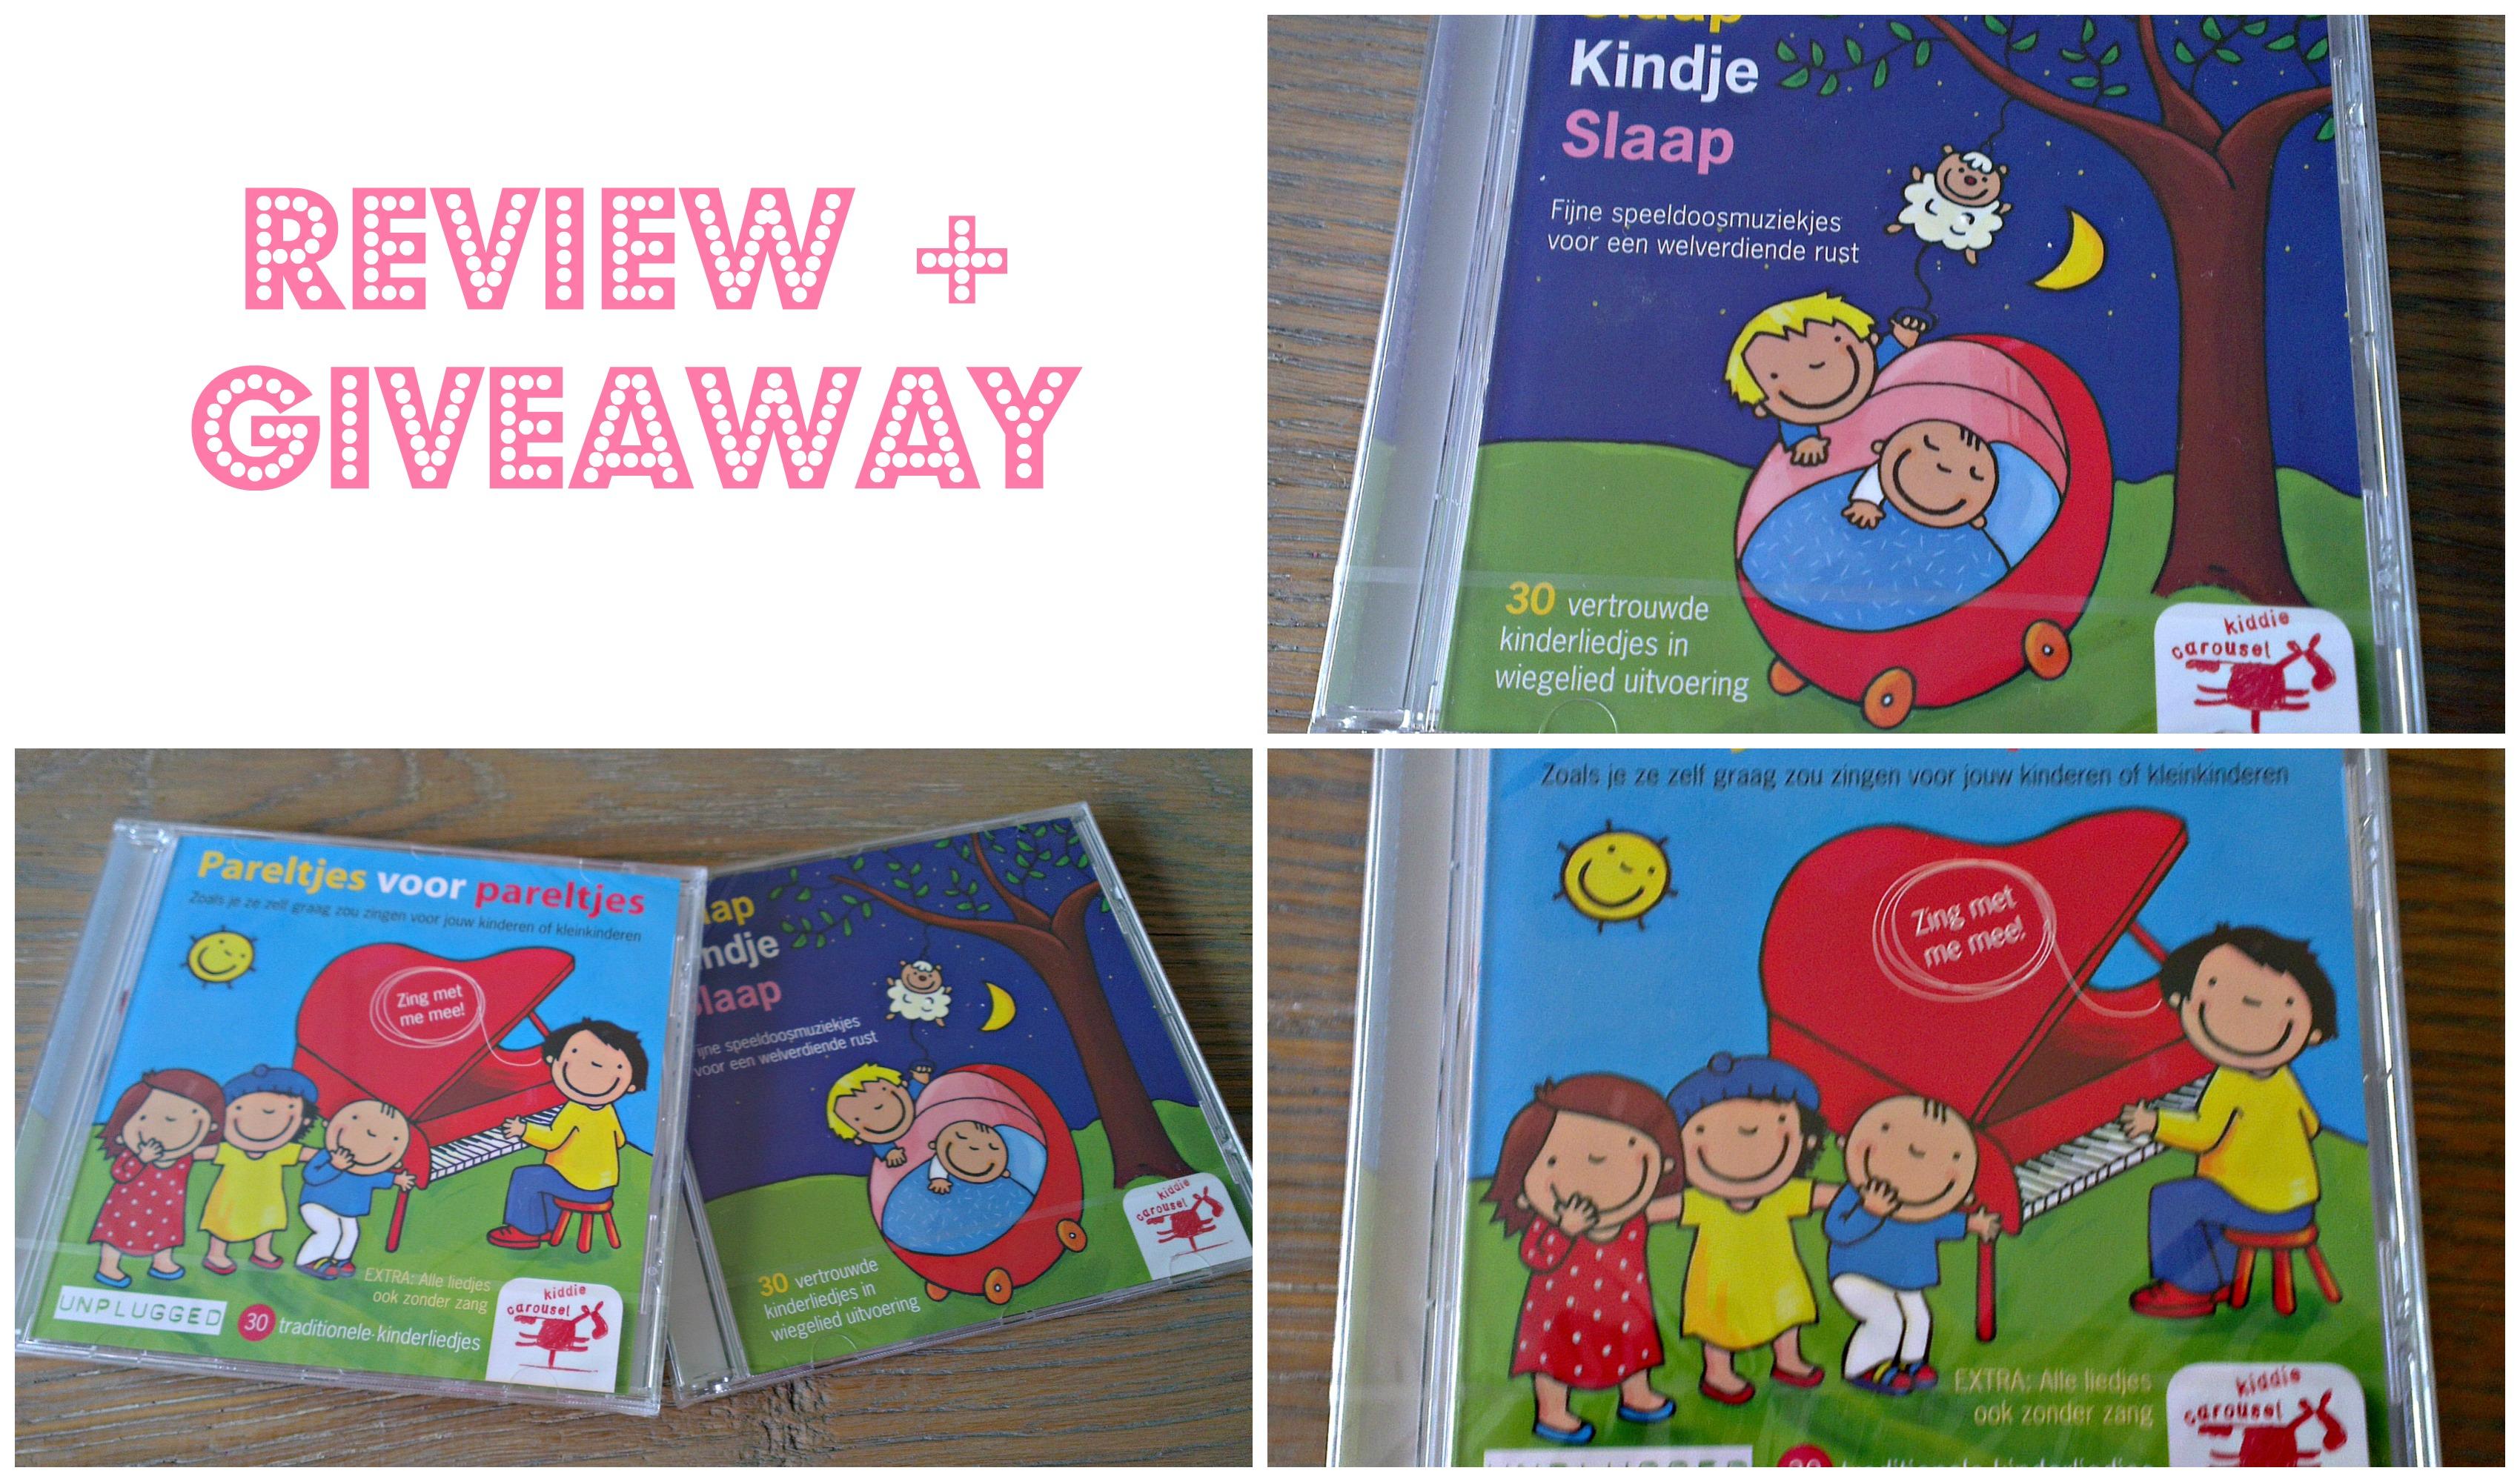 Mommy-Monday-Giveaway-win-cd-Review-Slaap-kindje-Slaap-Pareltjes-voor-Pareltjes-kiddie-Carousel-GoodGirlsCompany-winactie